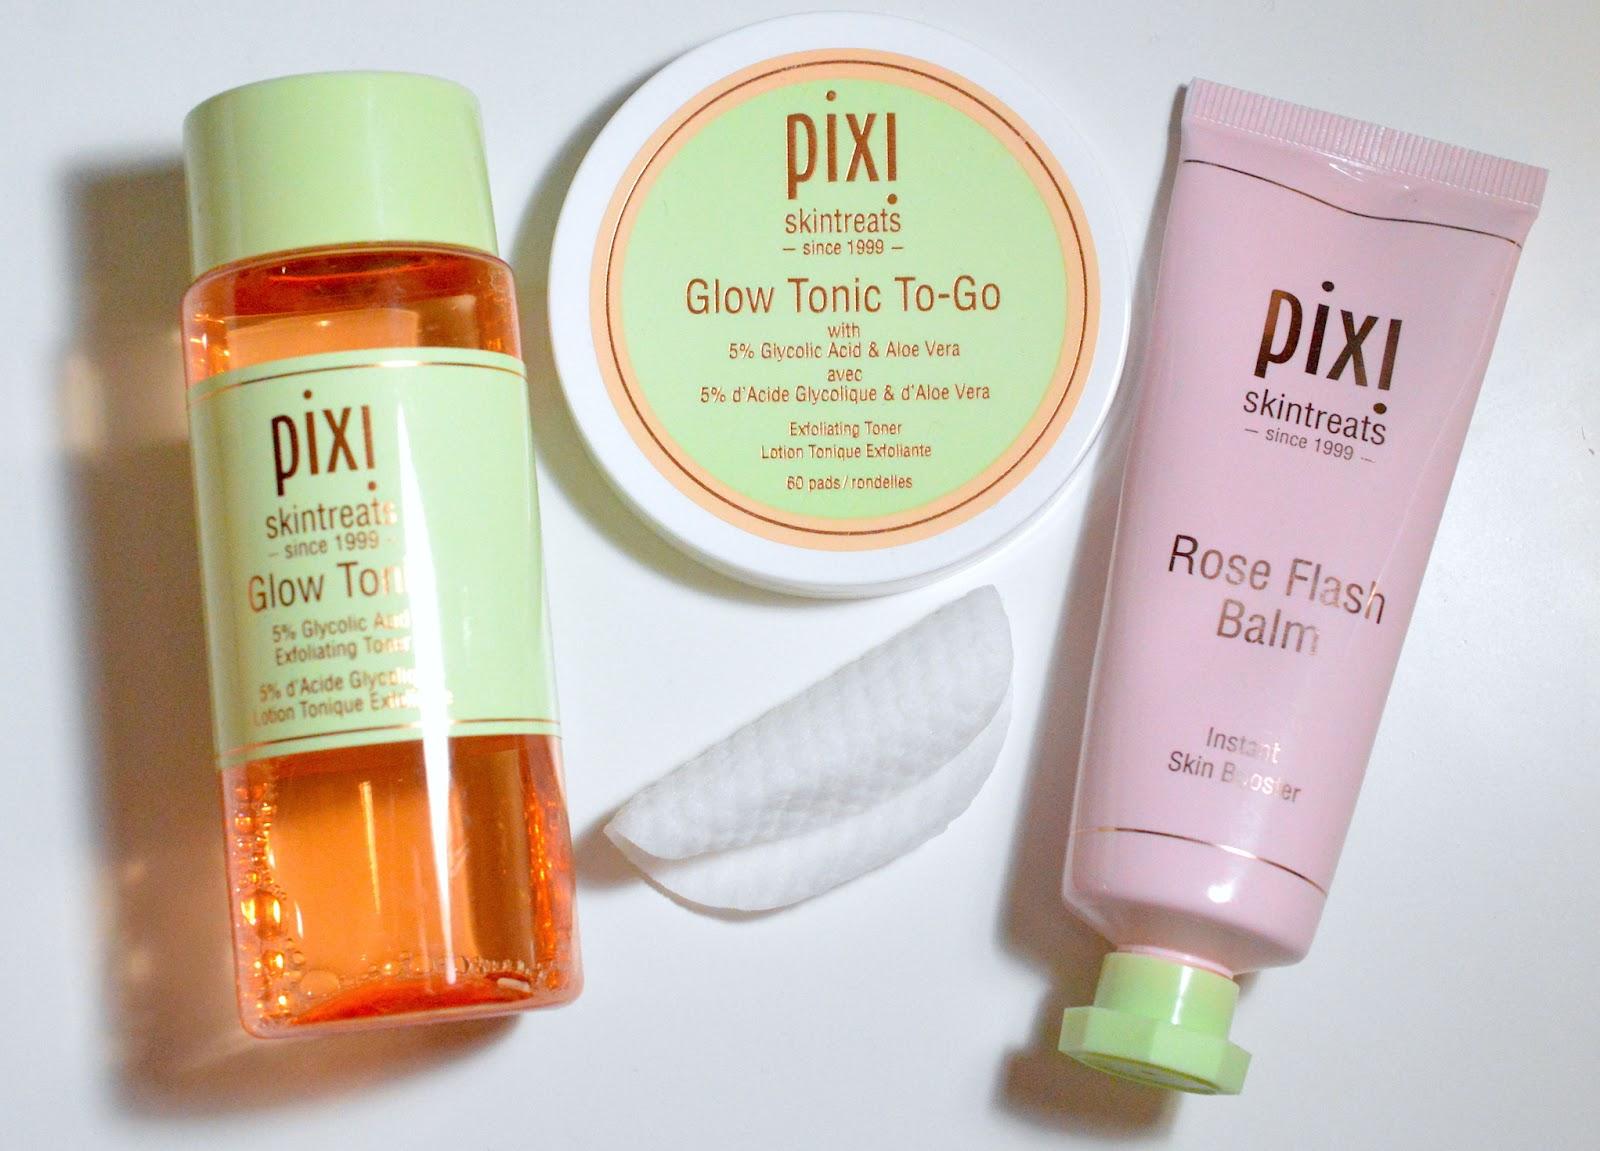 Pixi Skincare